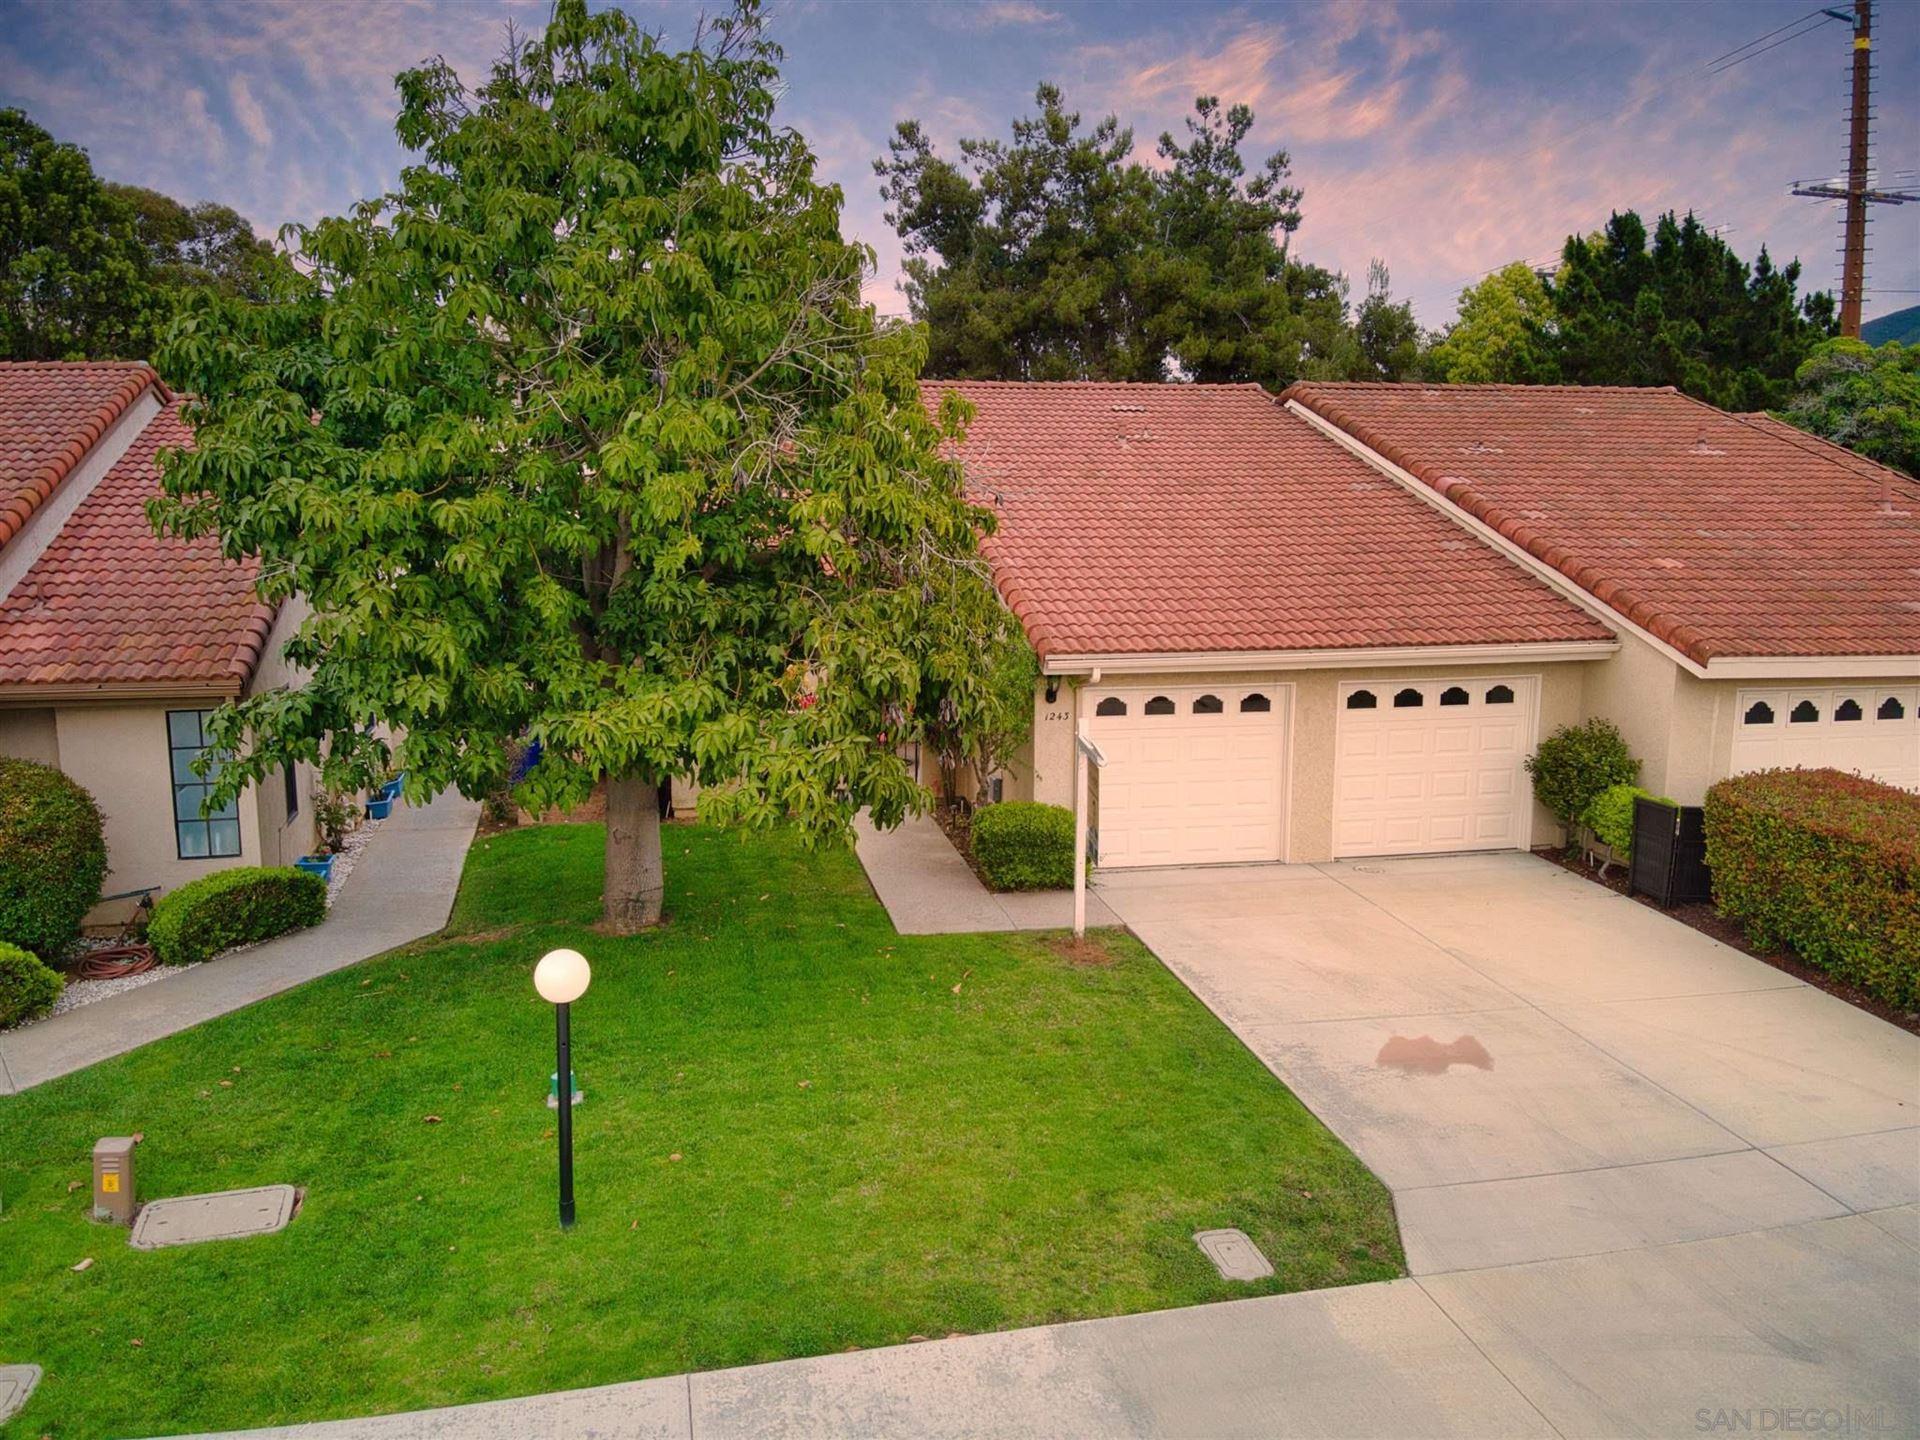 Photo of 1243 Granada Way, San Marcos, CA 92078 (MLS # 210015875)